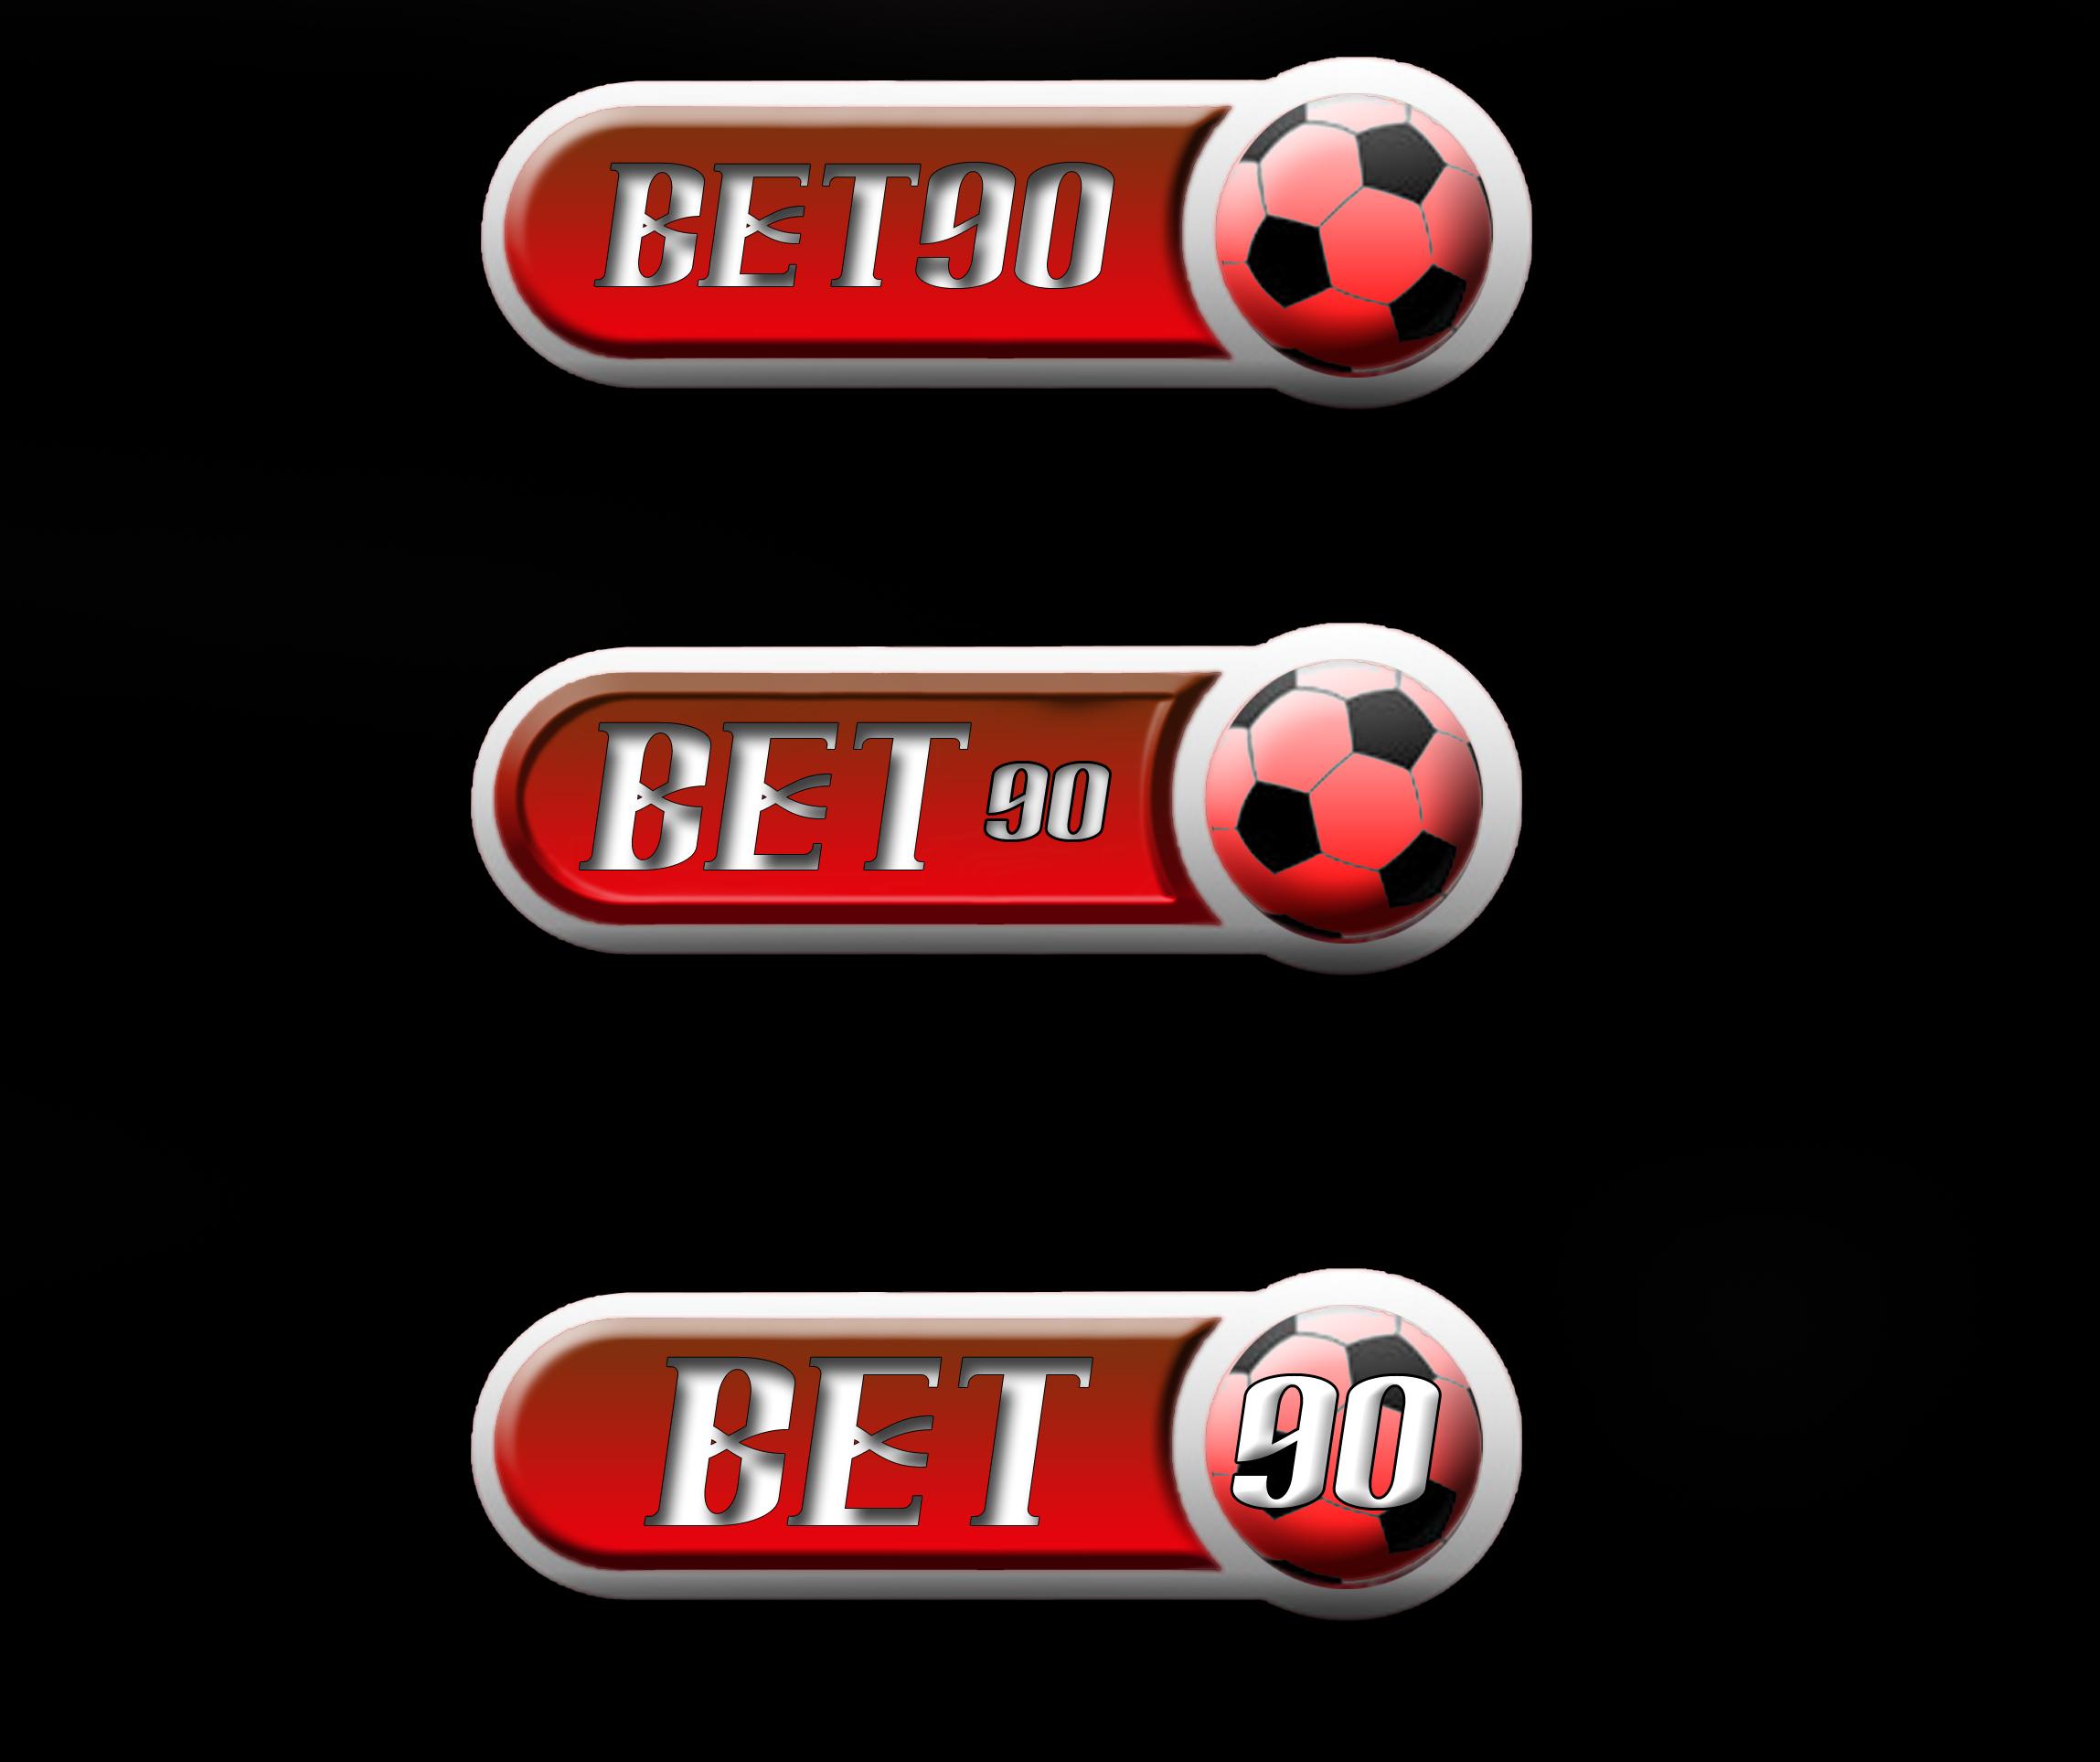 Faszinierend Bett 90 Referenz Von Logo Design By Jakes4 For Designcrowd (community